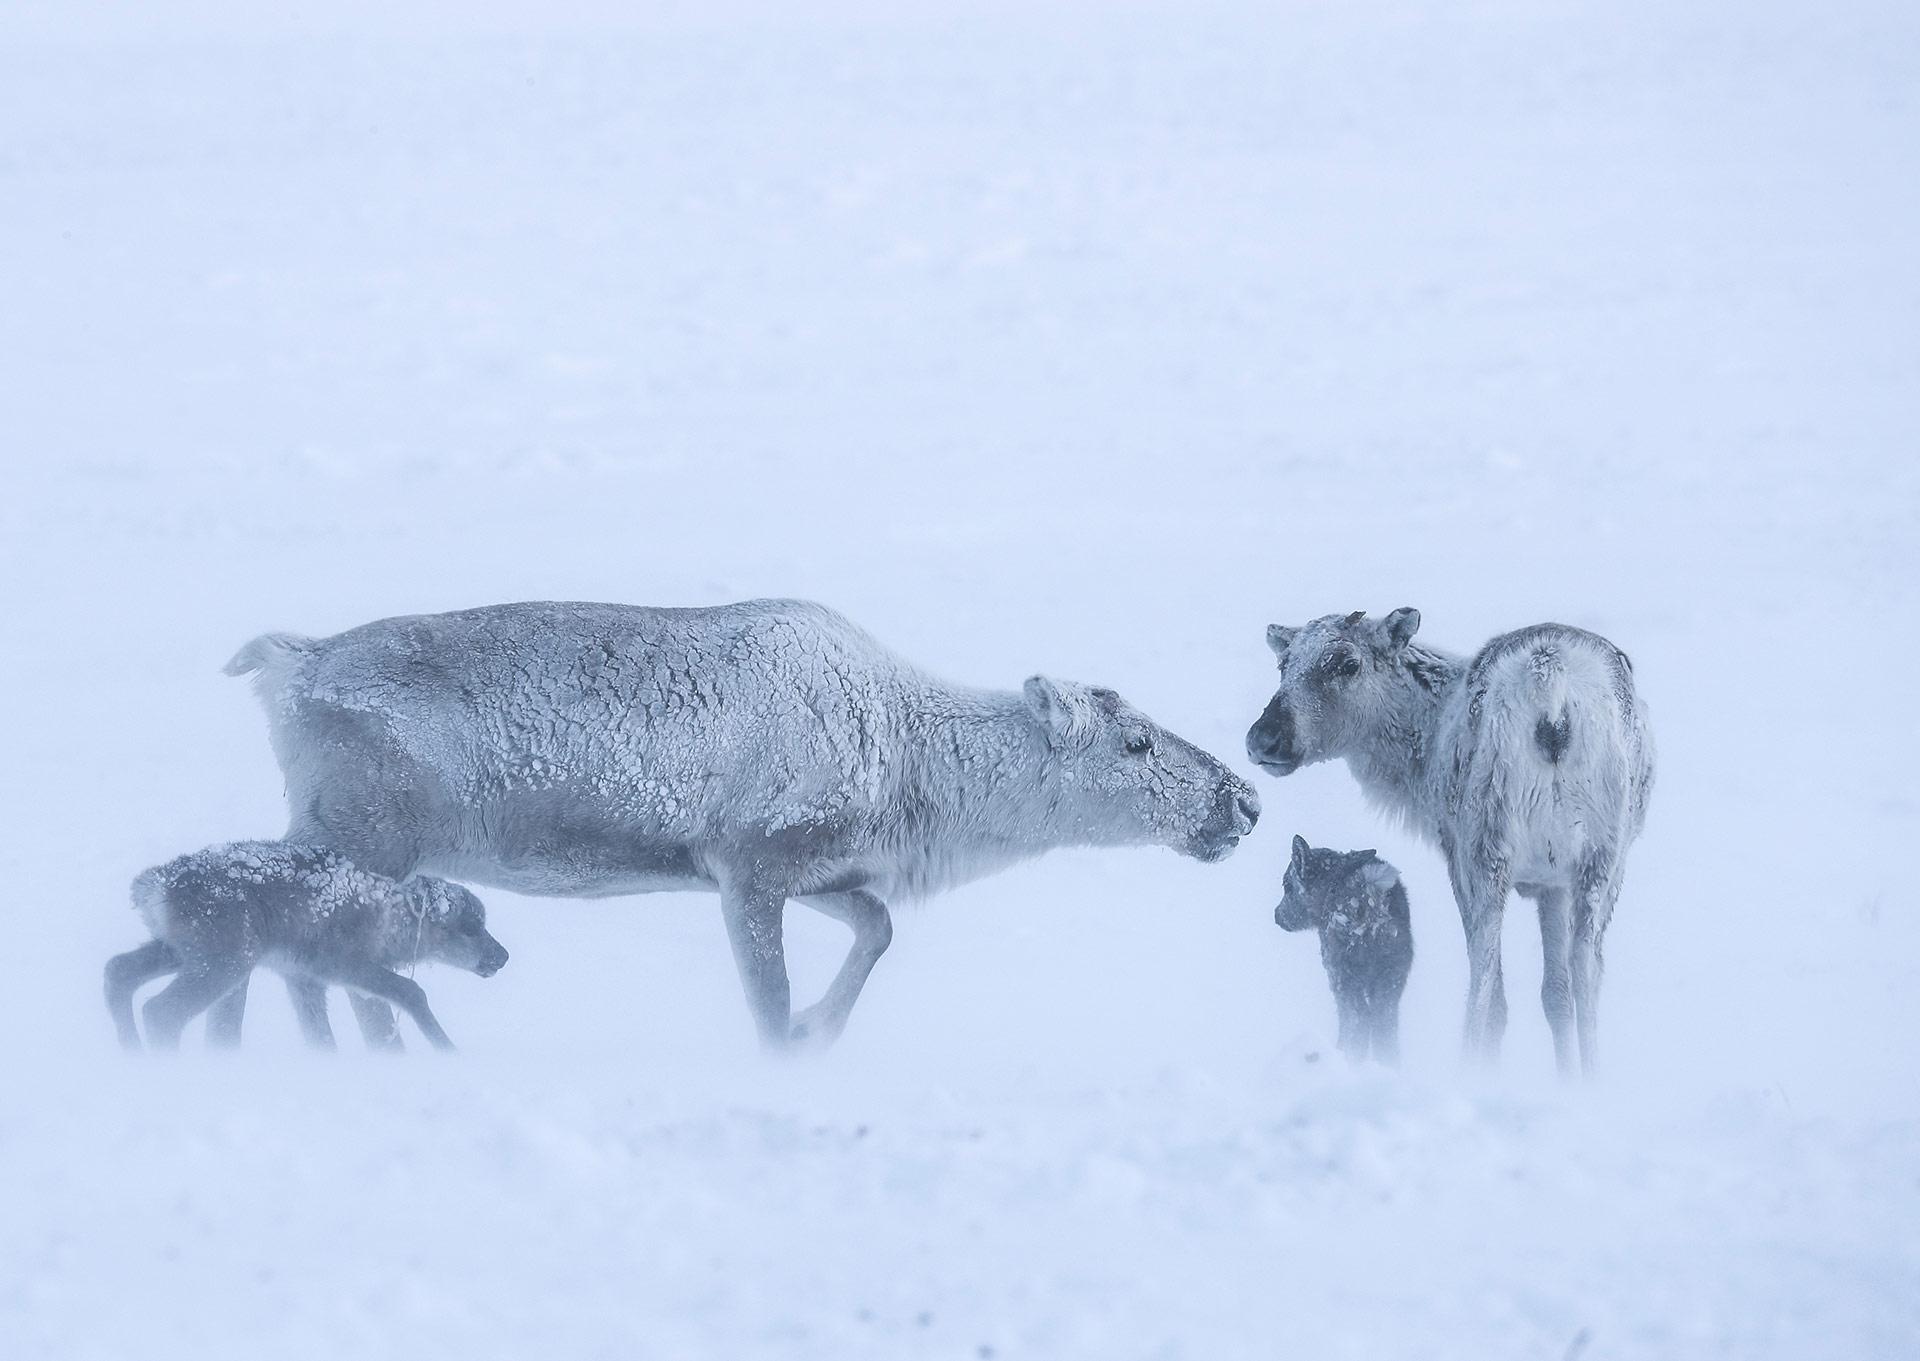 Новорождённые, © Владислав Костылев, 2-е место в номинации «Мамы и детёныши», Фотоконкурс «Дикая природа России» от National Geographic